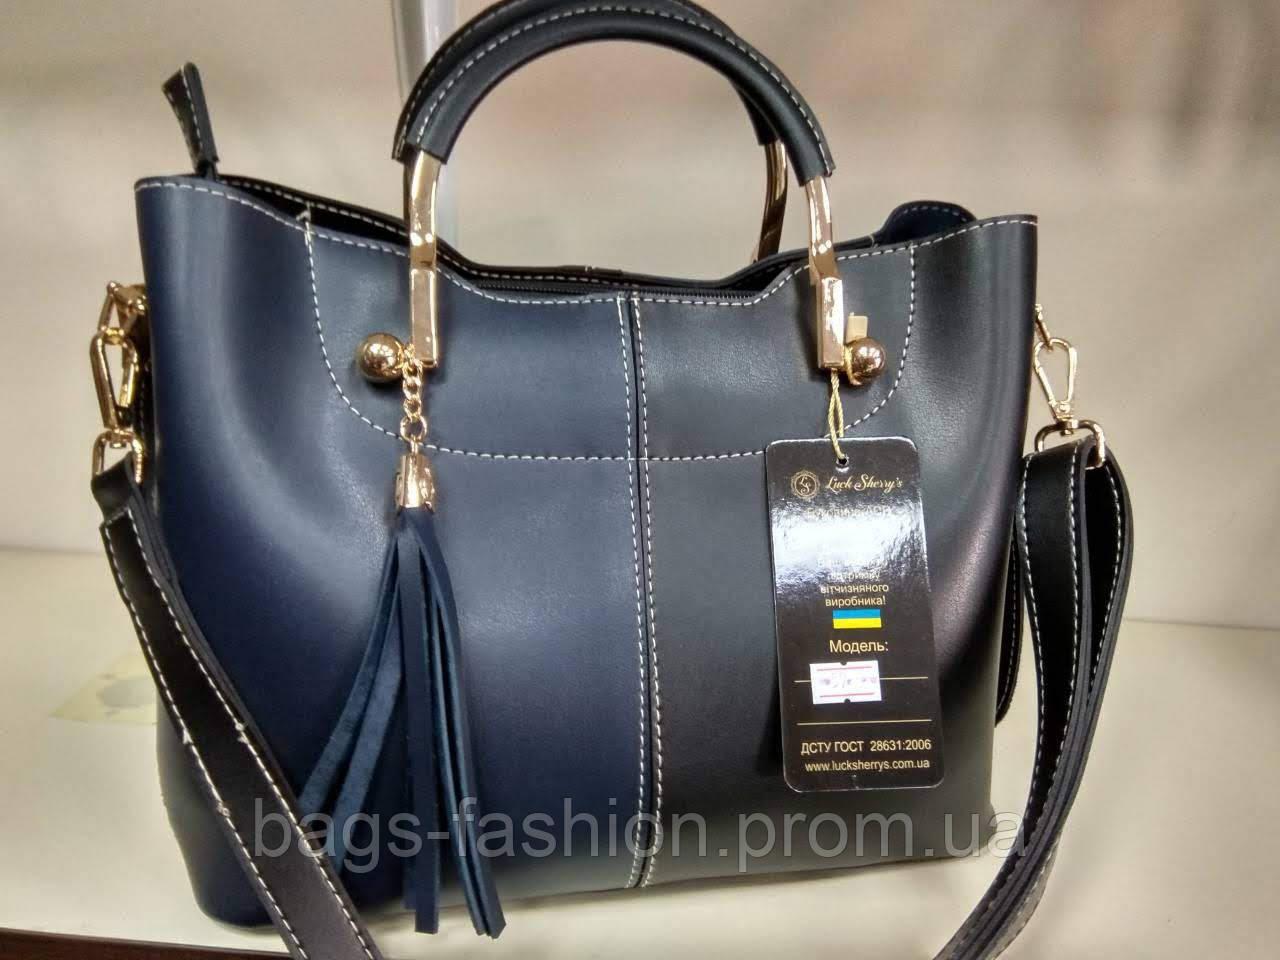 Красивая стильная сумка из экокожи Luck Sherry - Bags Fashion в Харькове 375e6f14ad1ac